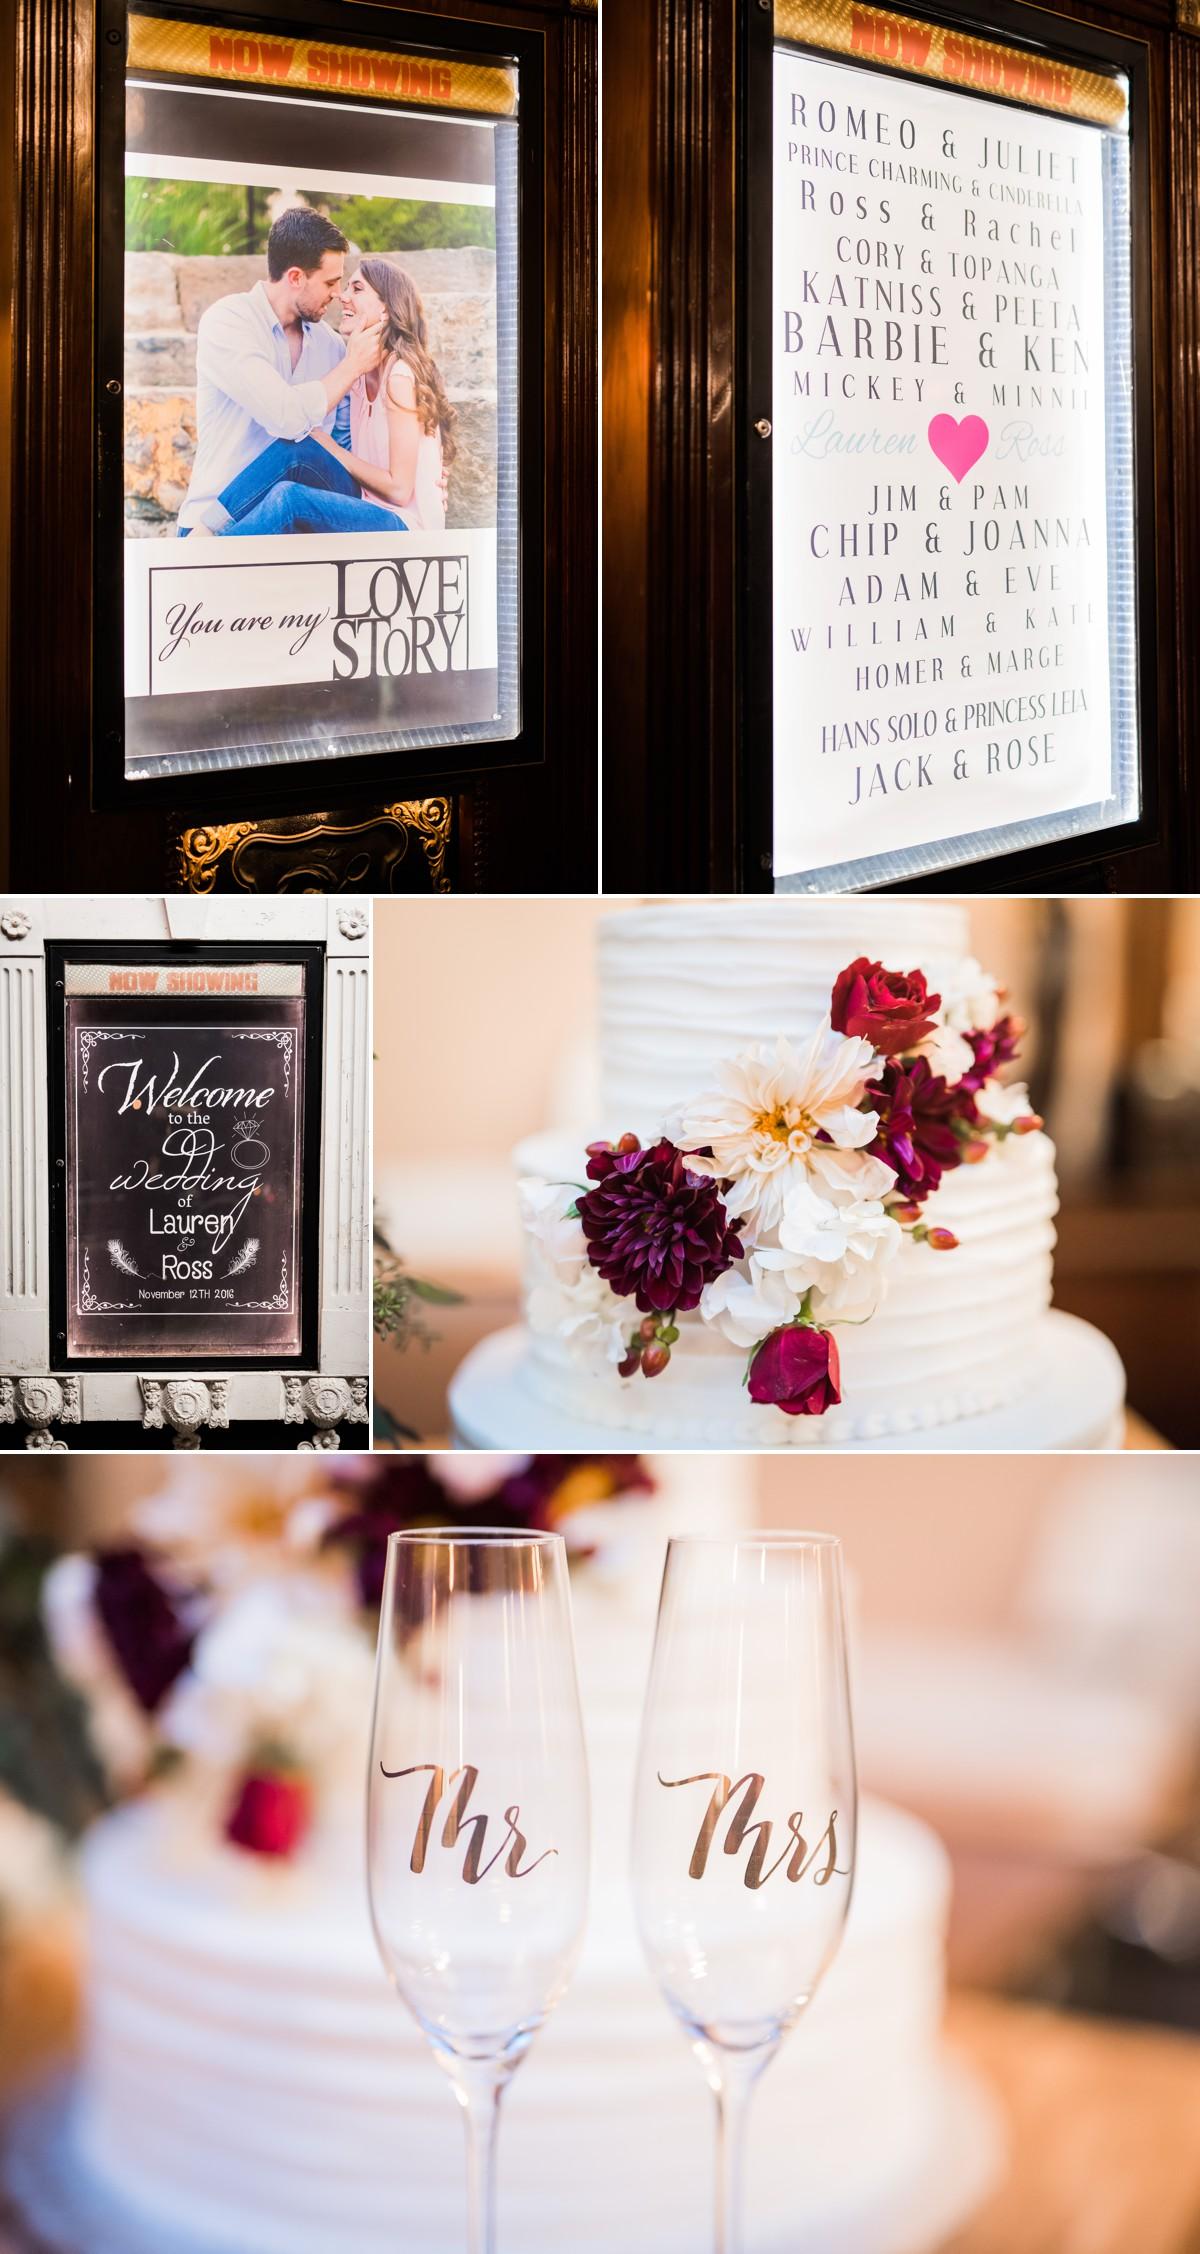 Lauren & Ross Wedding Details